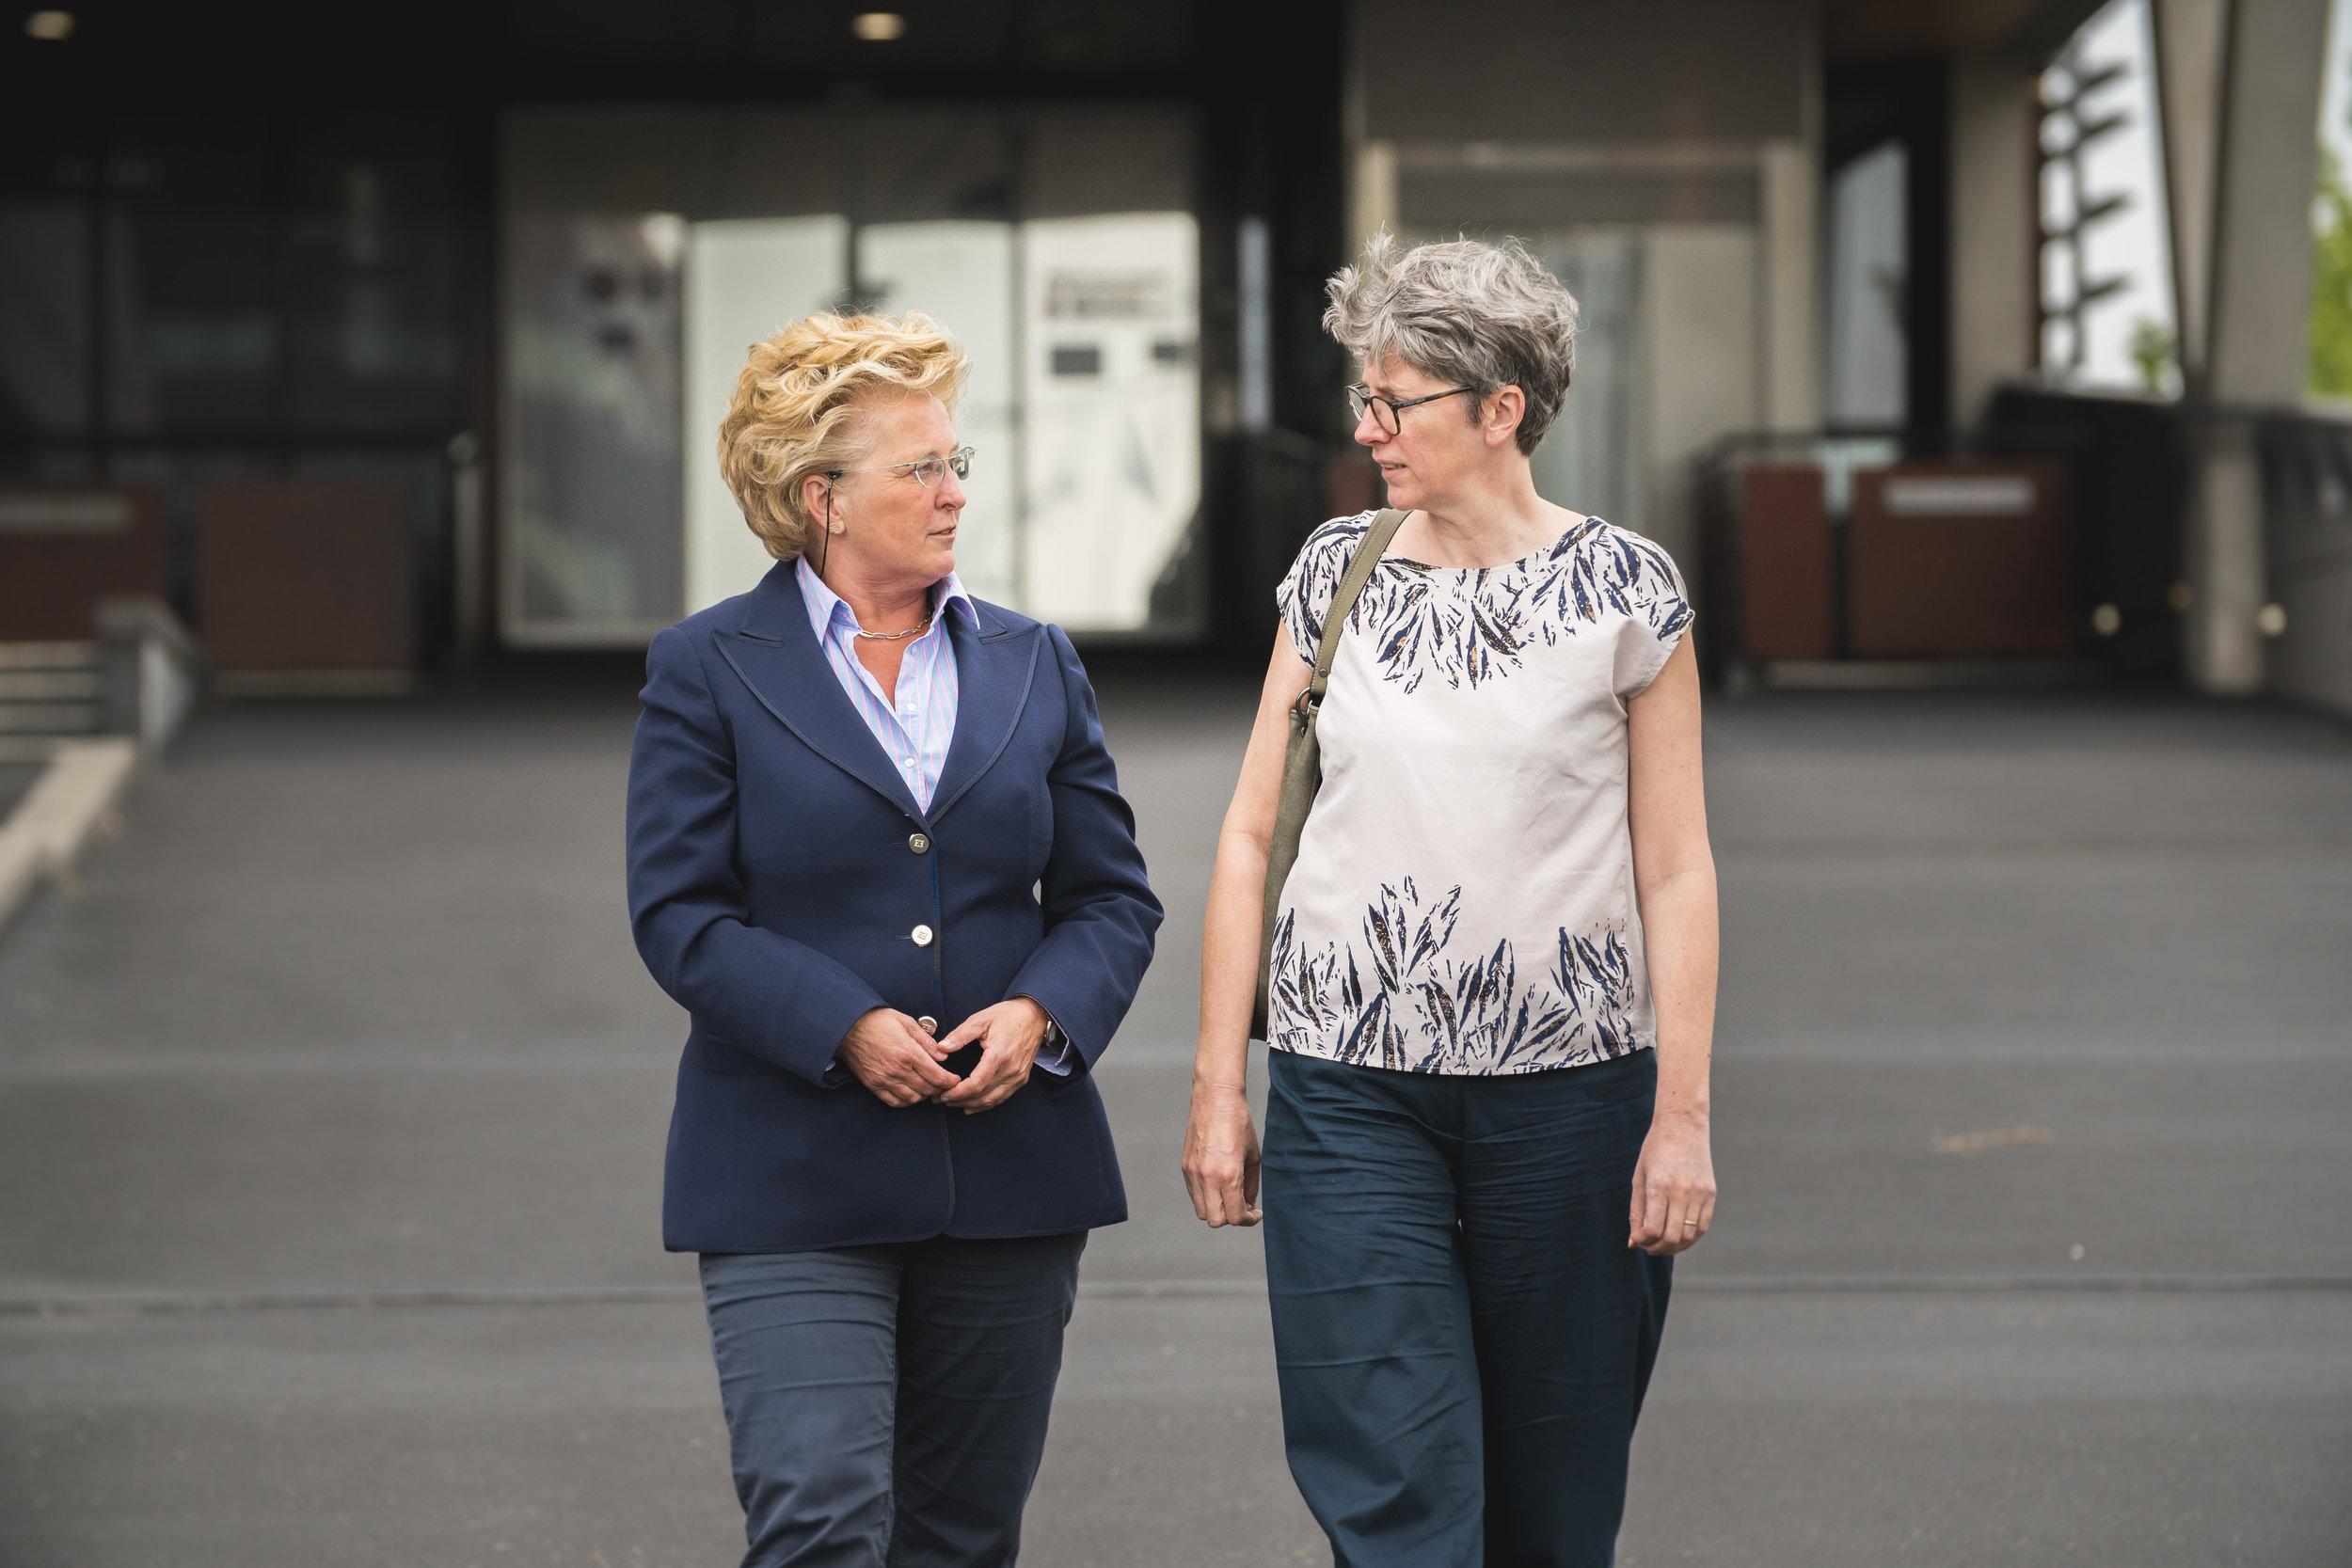 Tiny Maenhout (subsidieadviseur Gemeente Middelburg) en Eveline Huyghe (Europese samenwerkingsfunctionaris West-Vlaamse Intercommuncale)